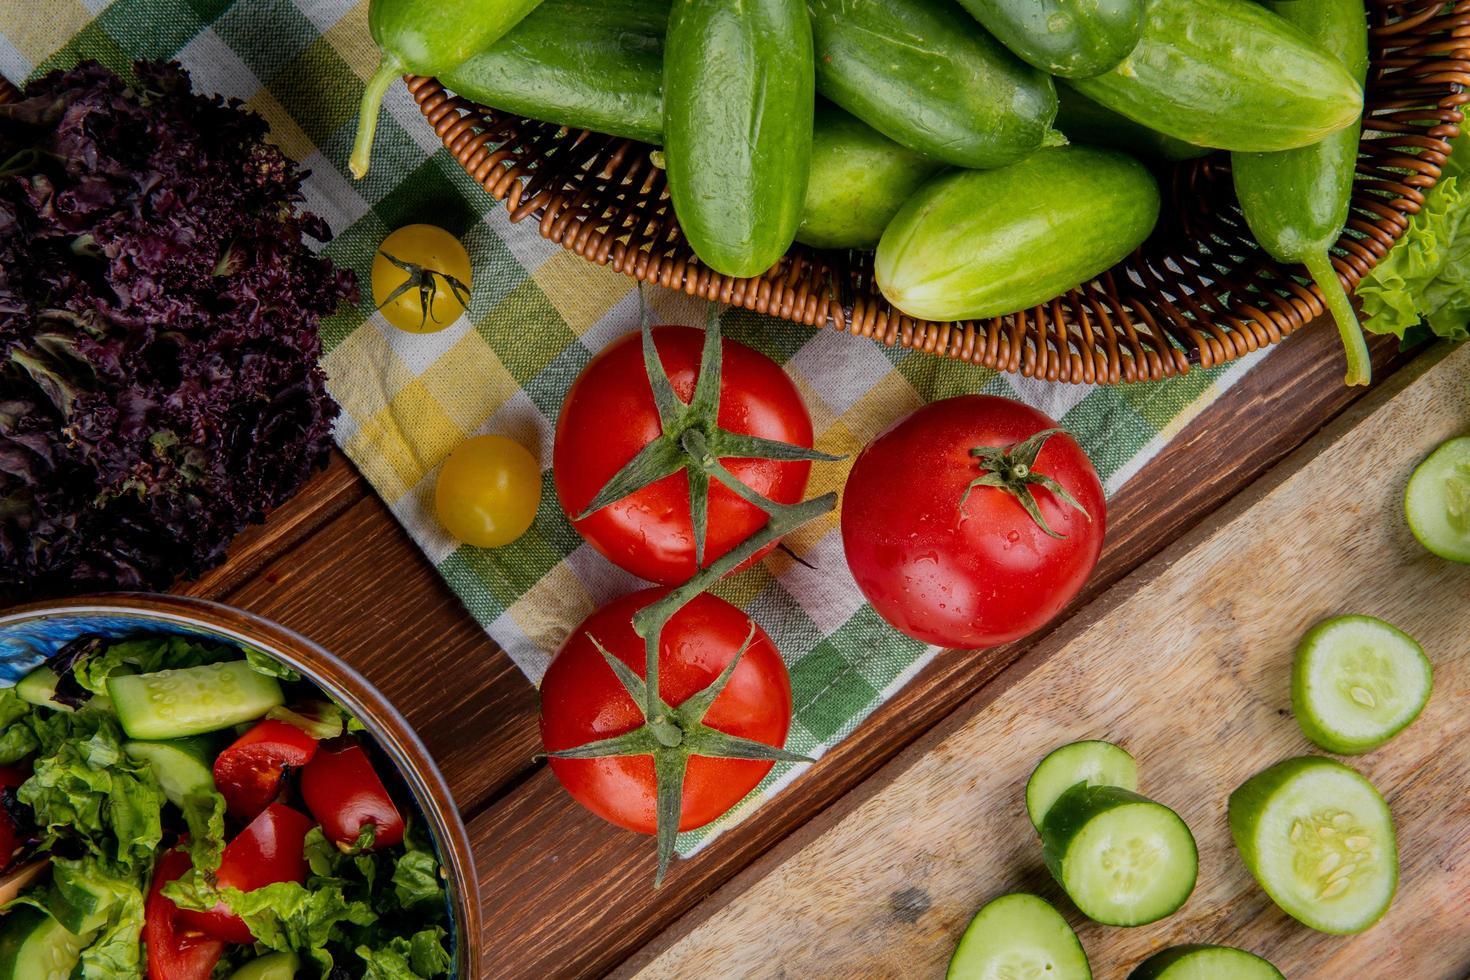 Vue de dessus des légumes comme tomate concombre basilic avec salade de légumes sur fond de bois photo